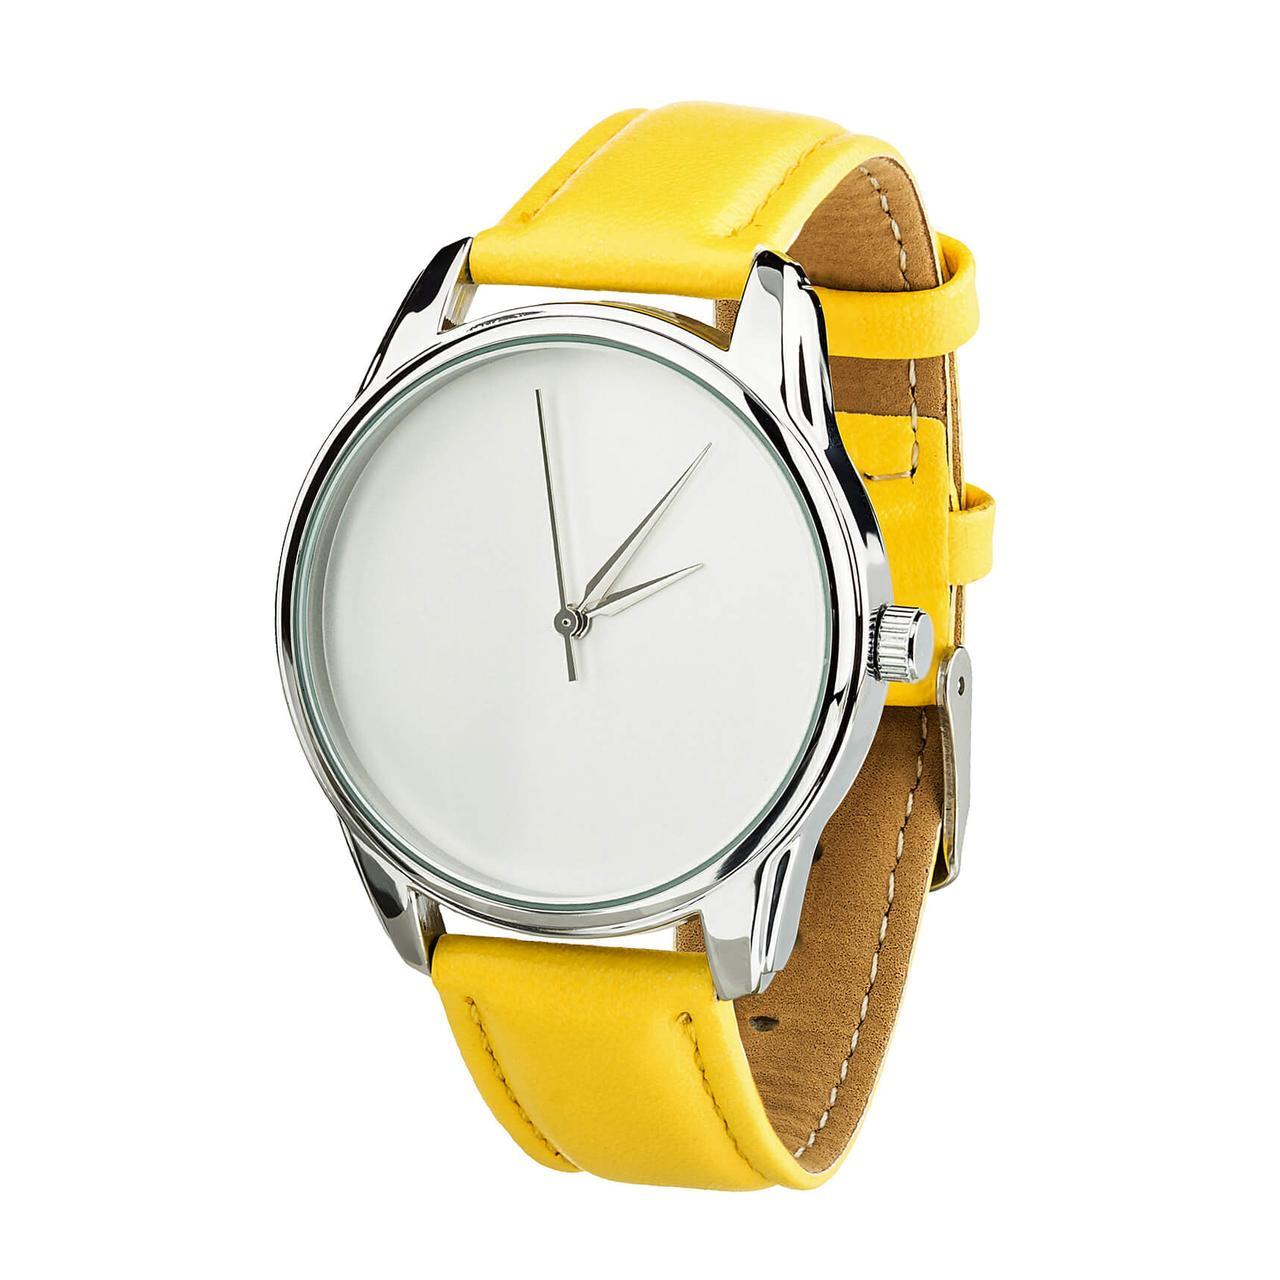 Часы наручные ZIZ Минимализм (ремешок лимонно - желтый, серебро) + дополнительный ремешок